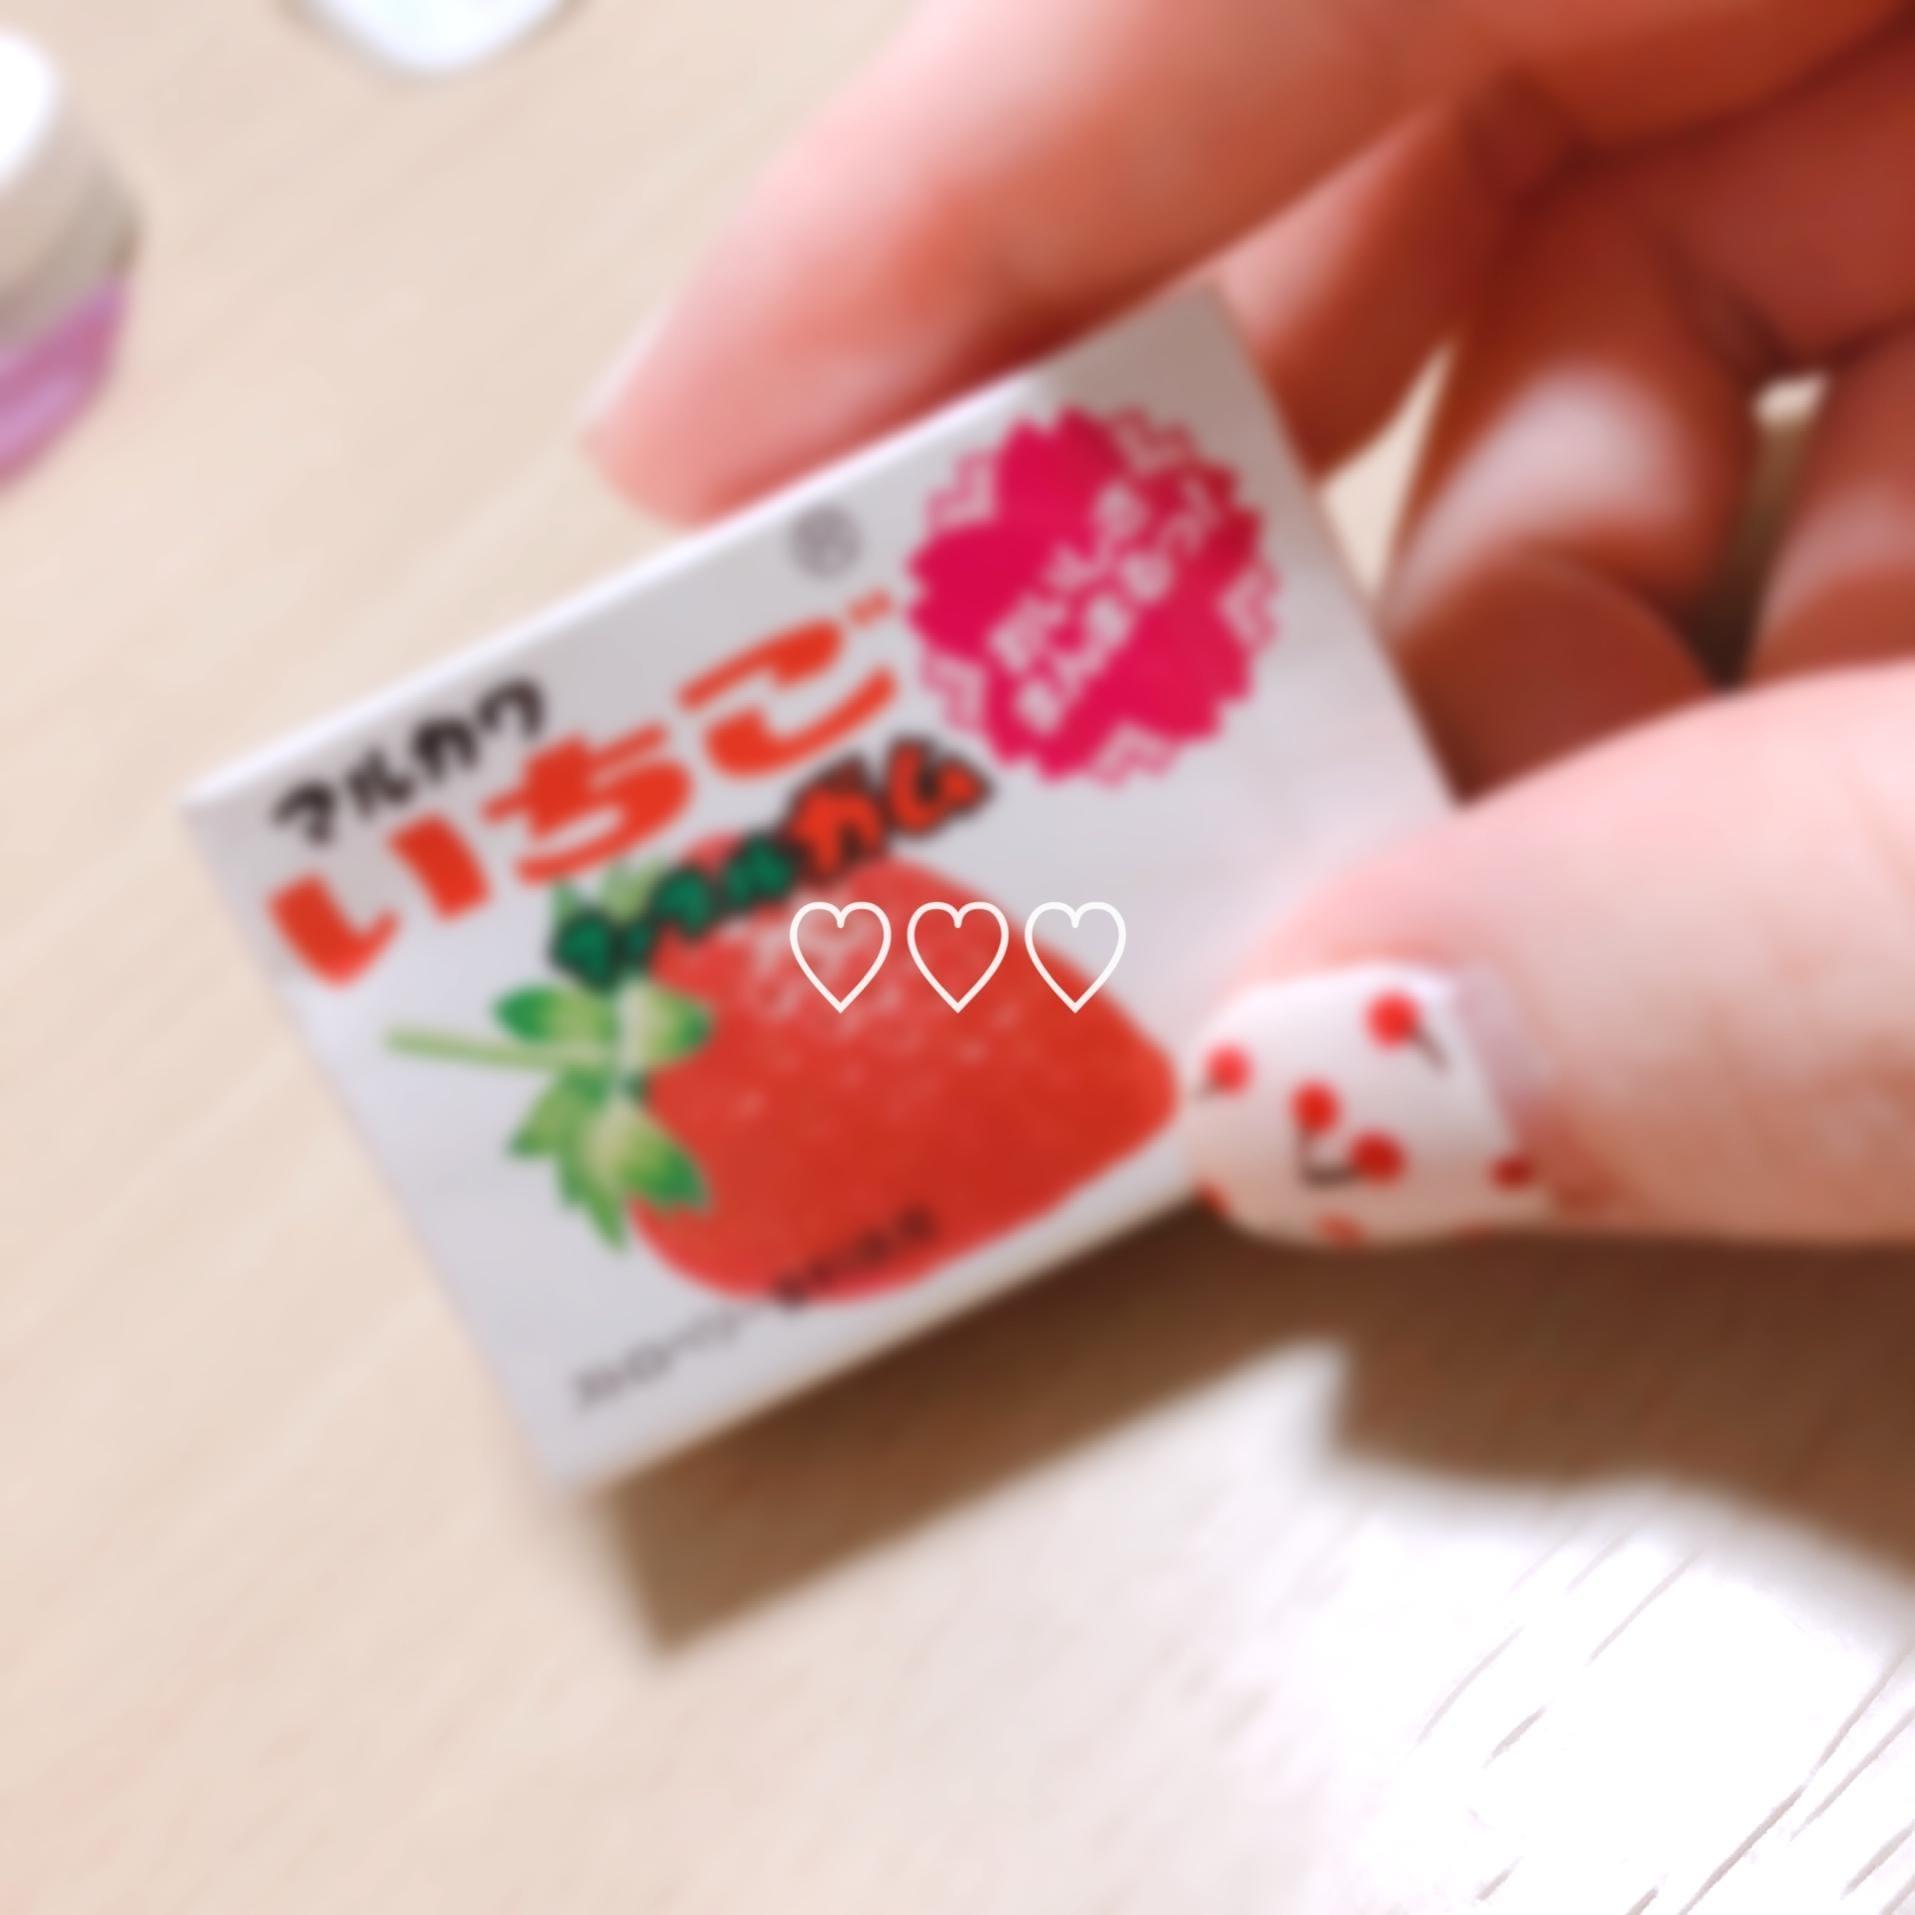 「良き日でした〜」10/13(土) 20:49   Kaera(かえら)の写メ・風俗動画